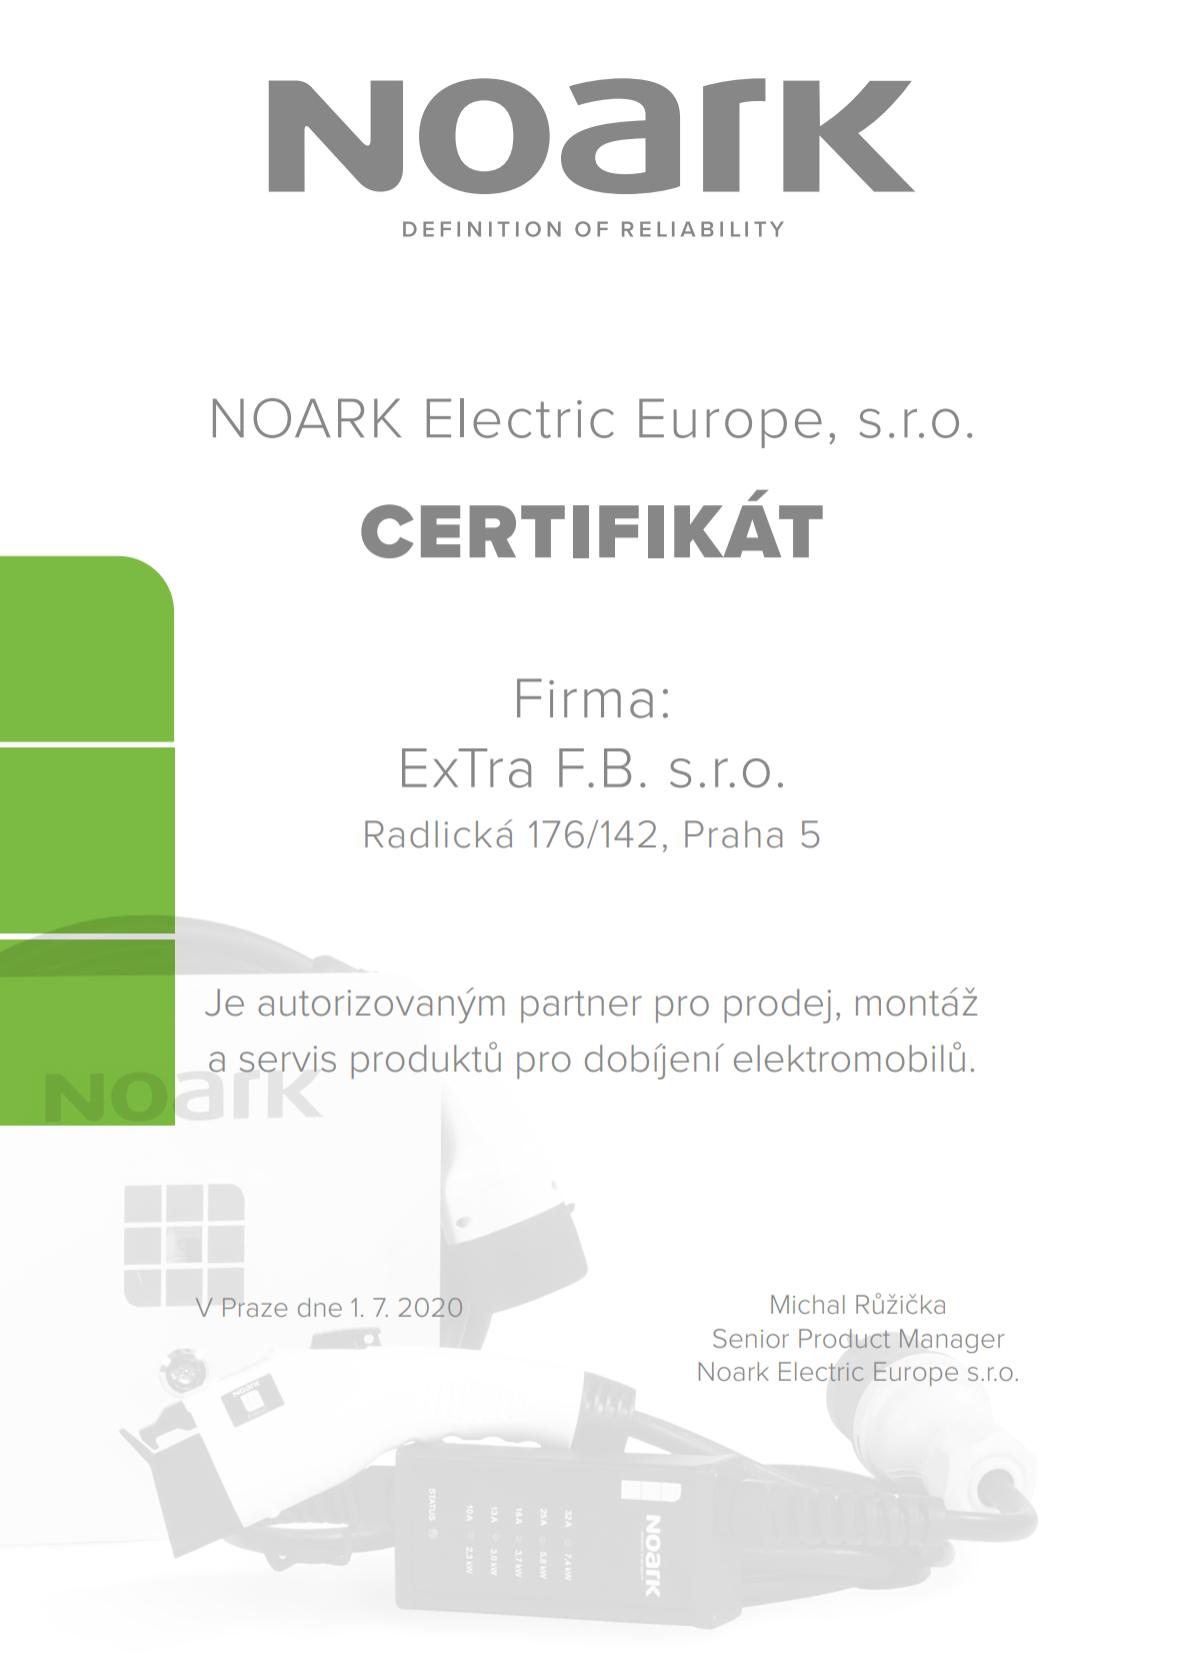 certifikat_noark